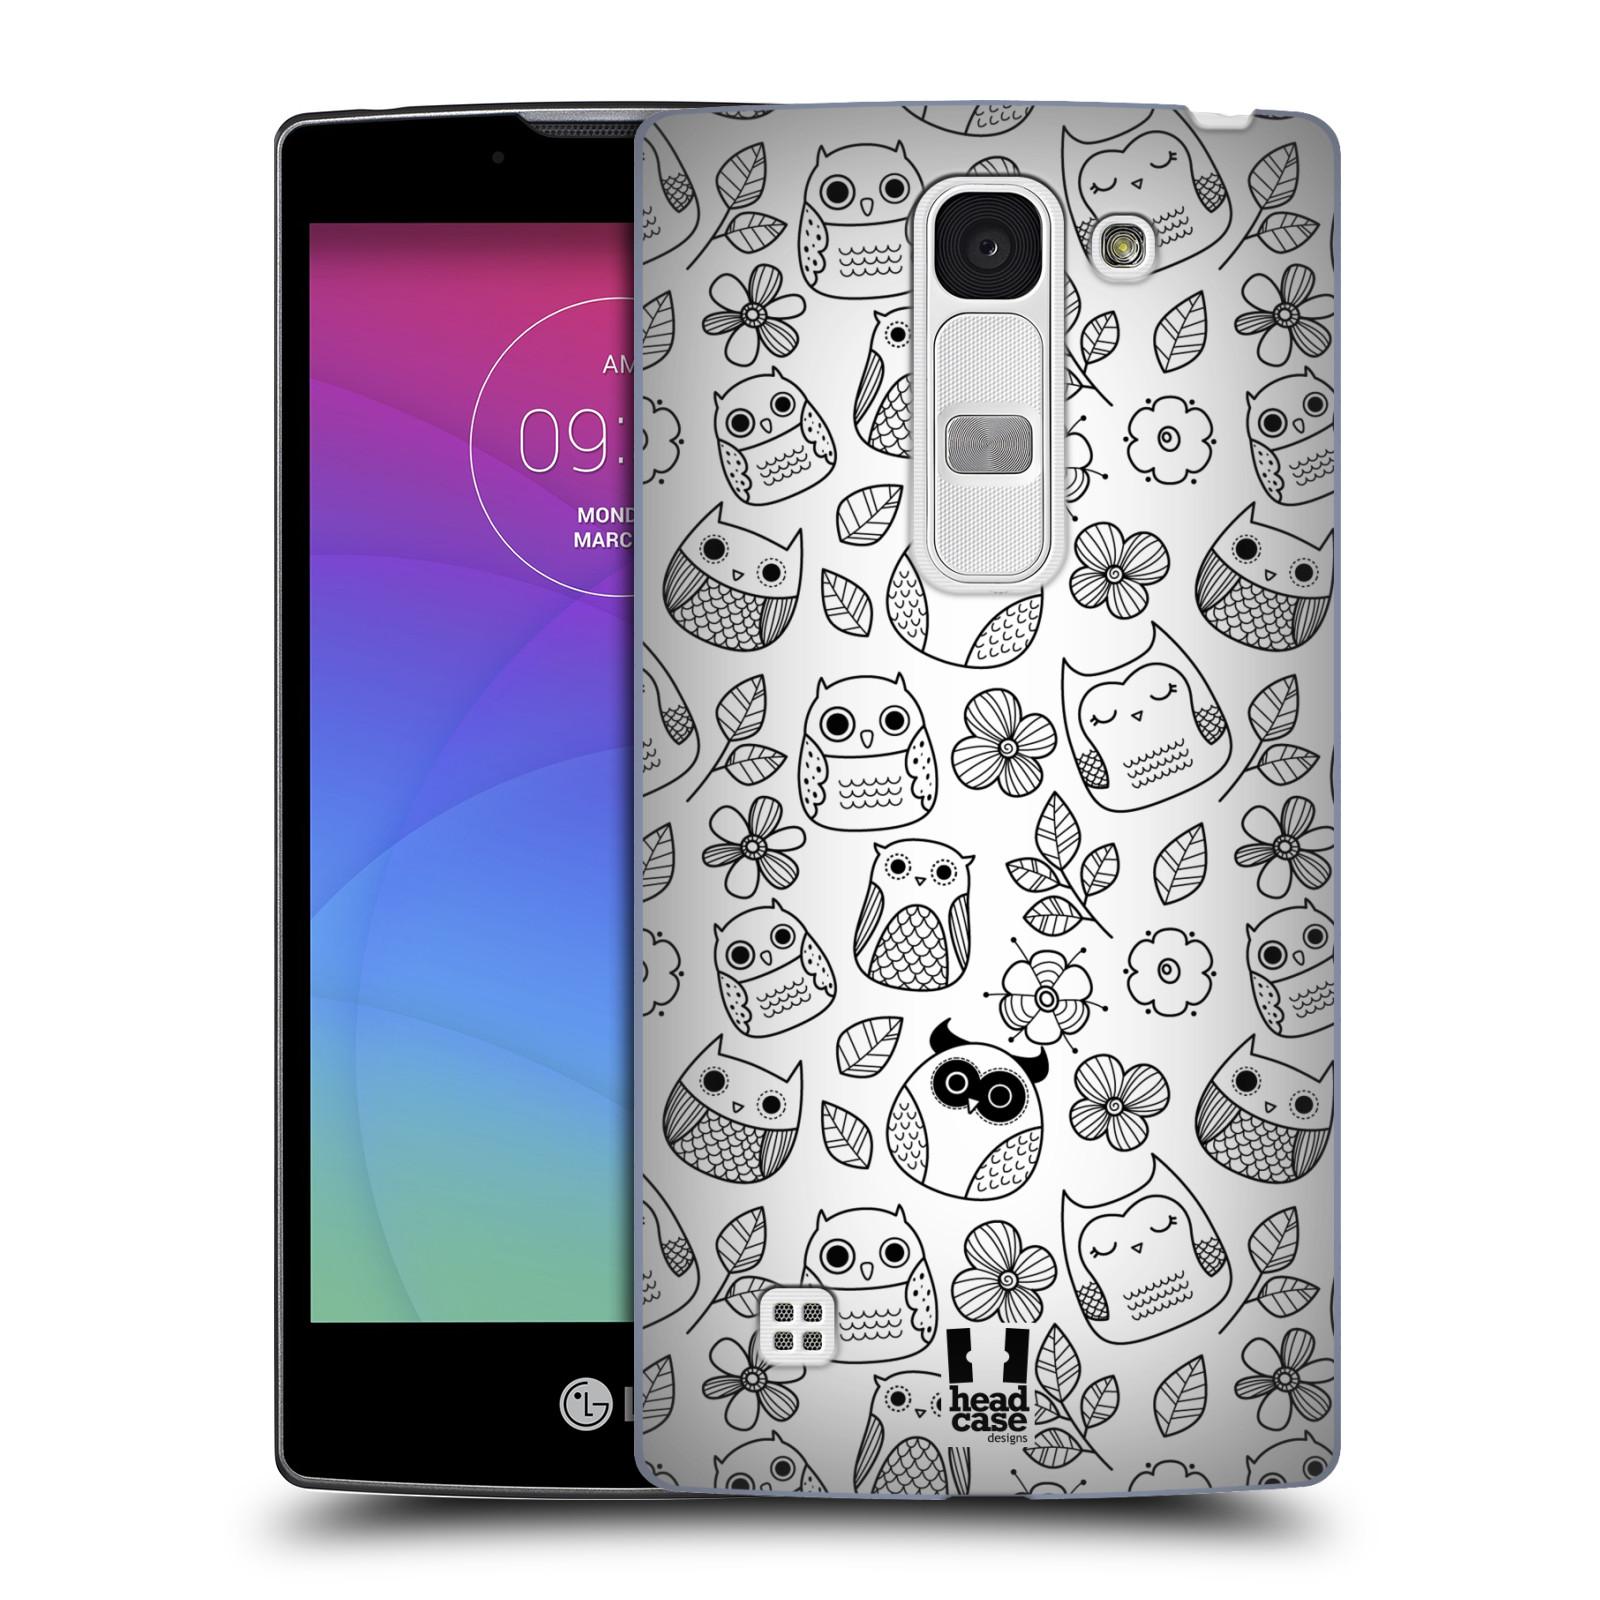 Plastové pouzdro na mobil LG Spirit LTE HEAD CASE SOVIČKY A KYTIČKY (Kryt či obal na mobilní telefon LG Spirit H420 a LG Spirit LTE H440N)